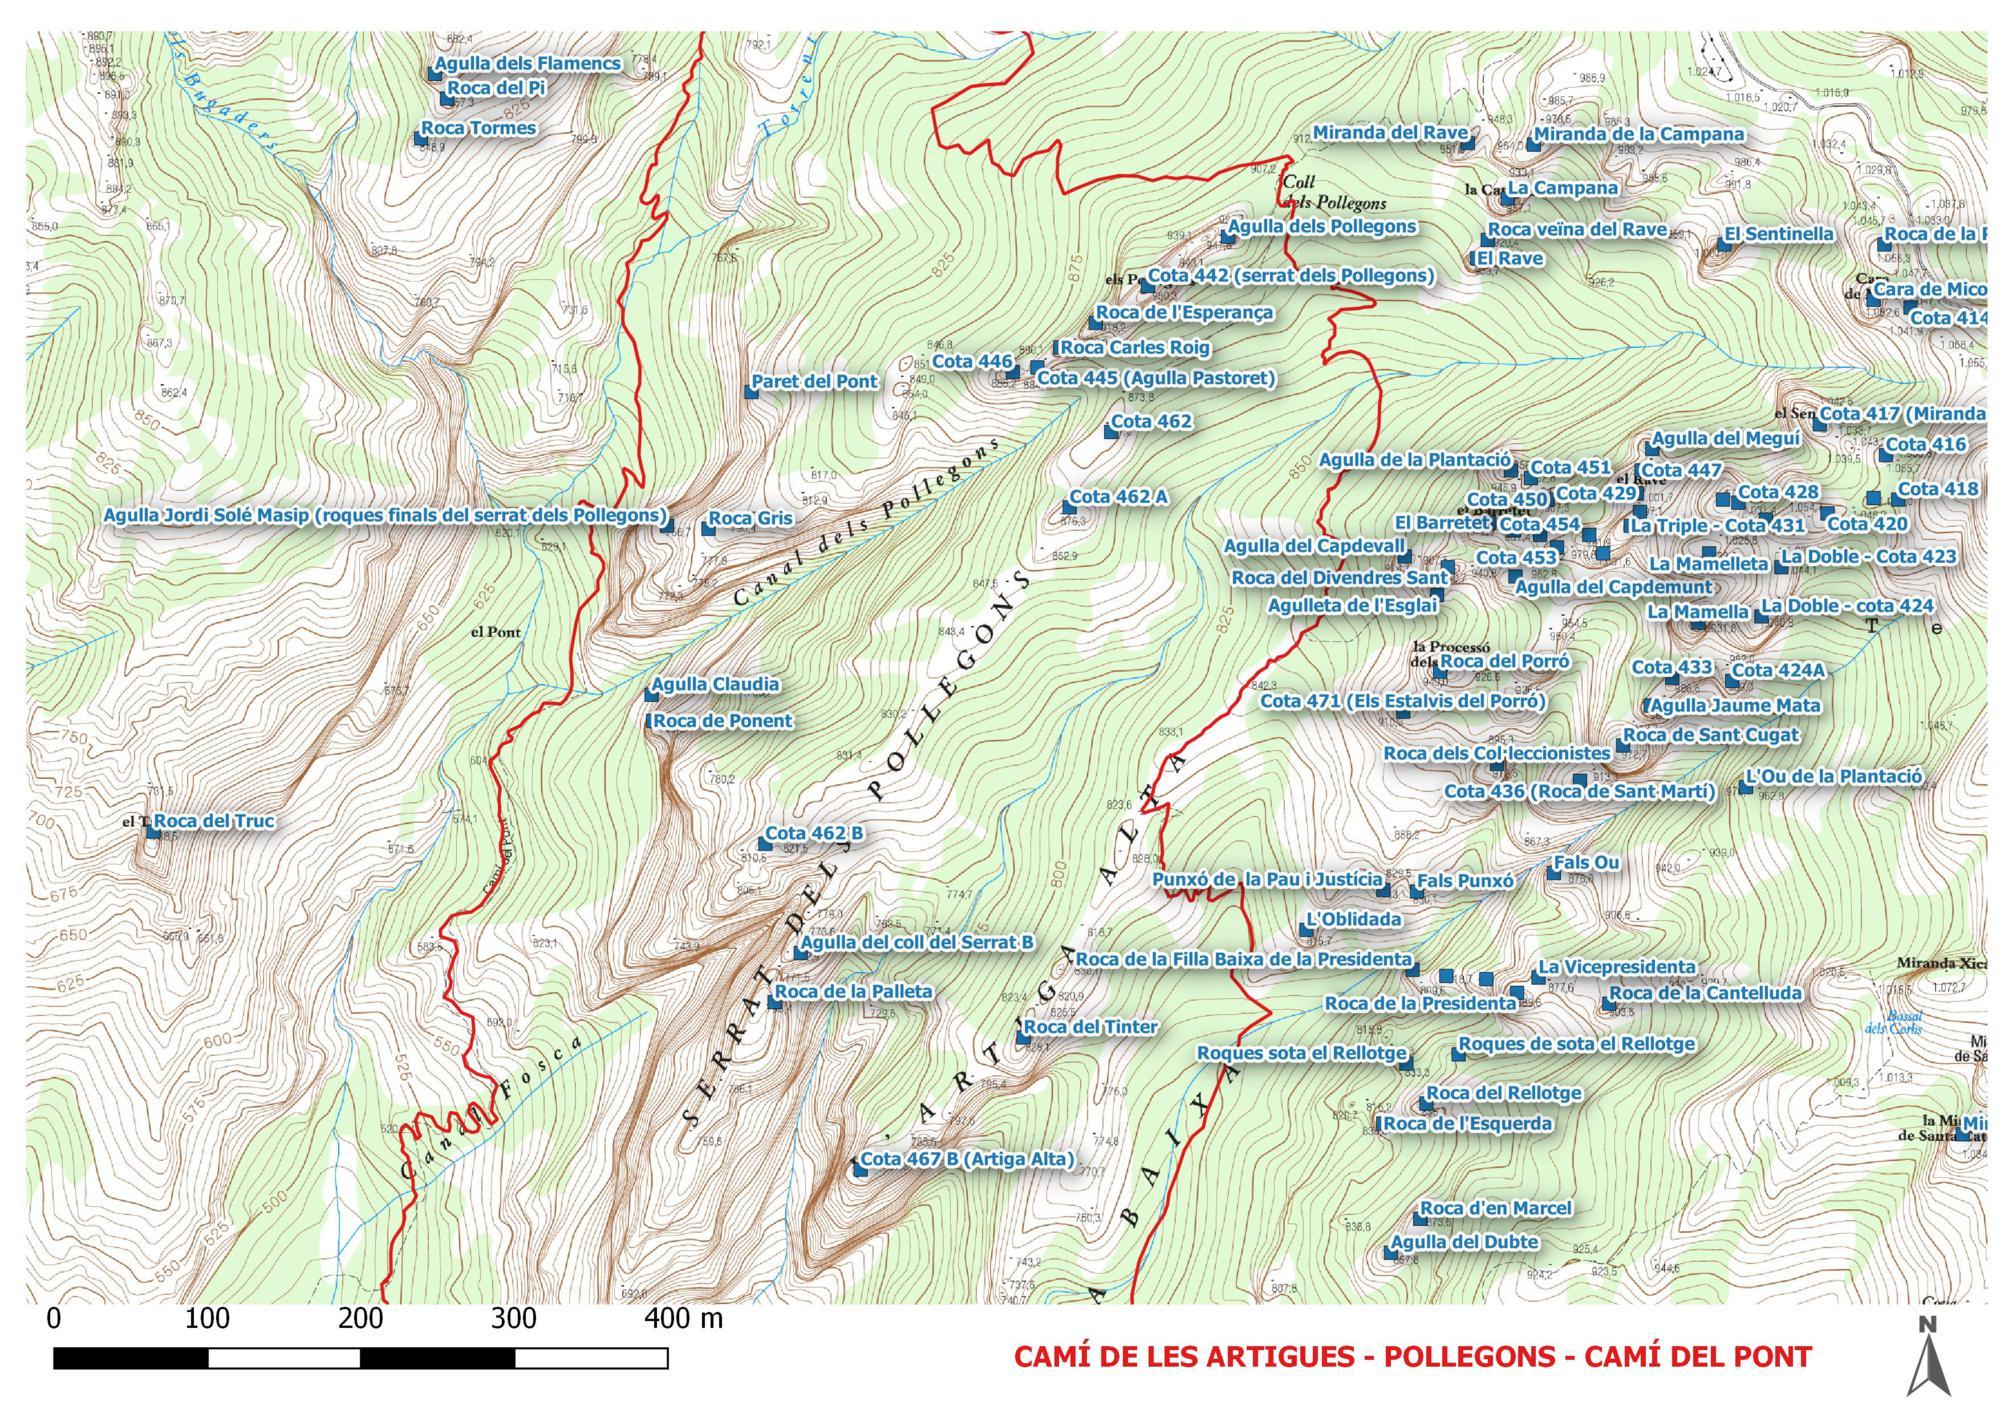 Cami Artigues - Cami del Pont 5 2000x1414